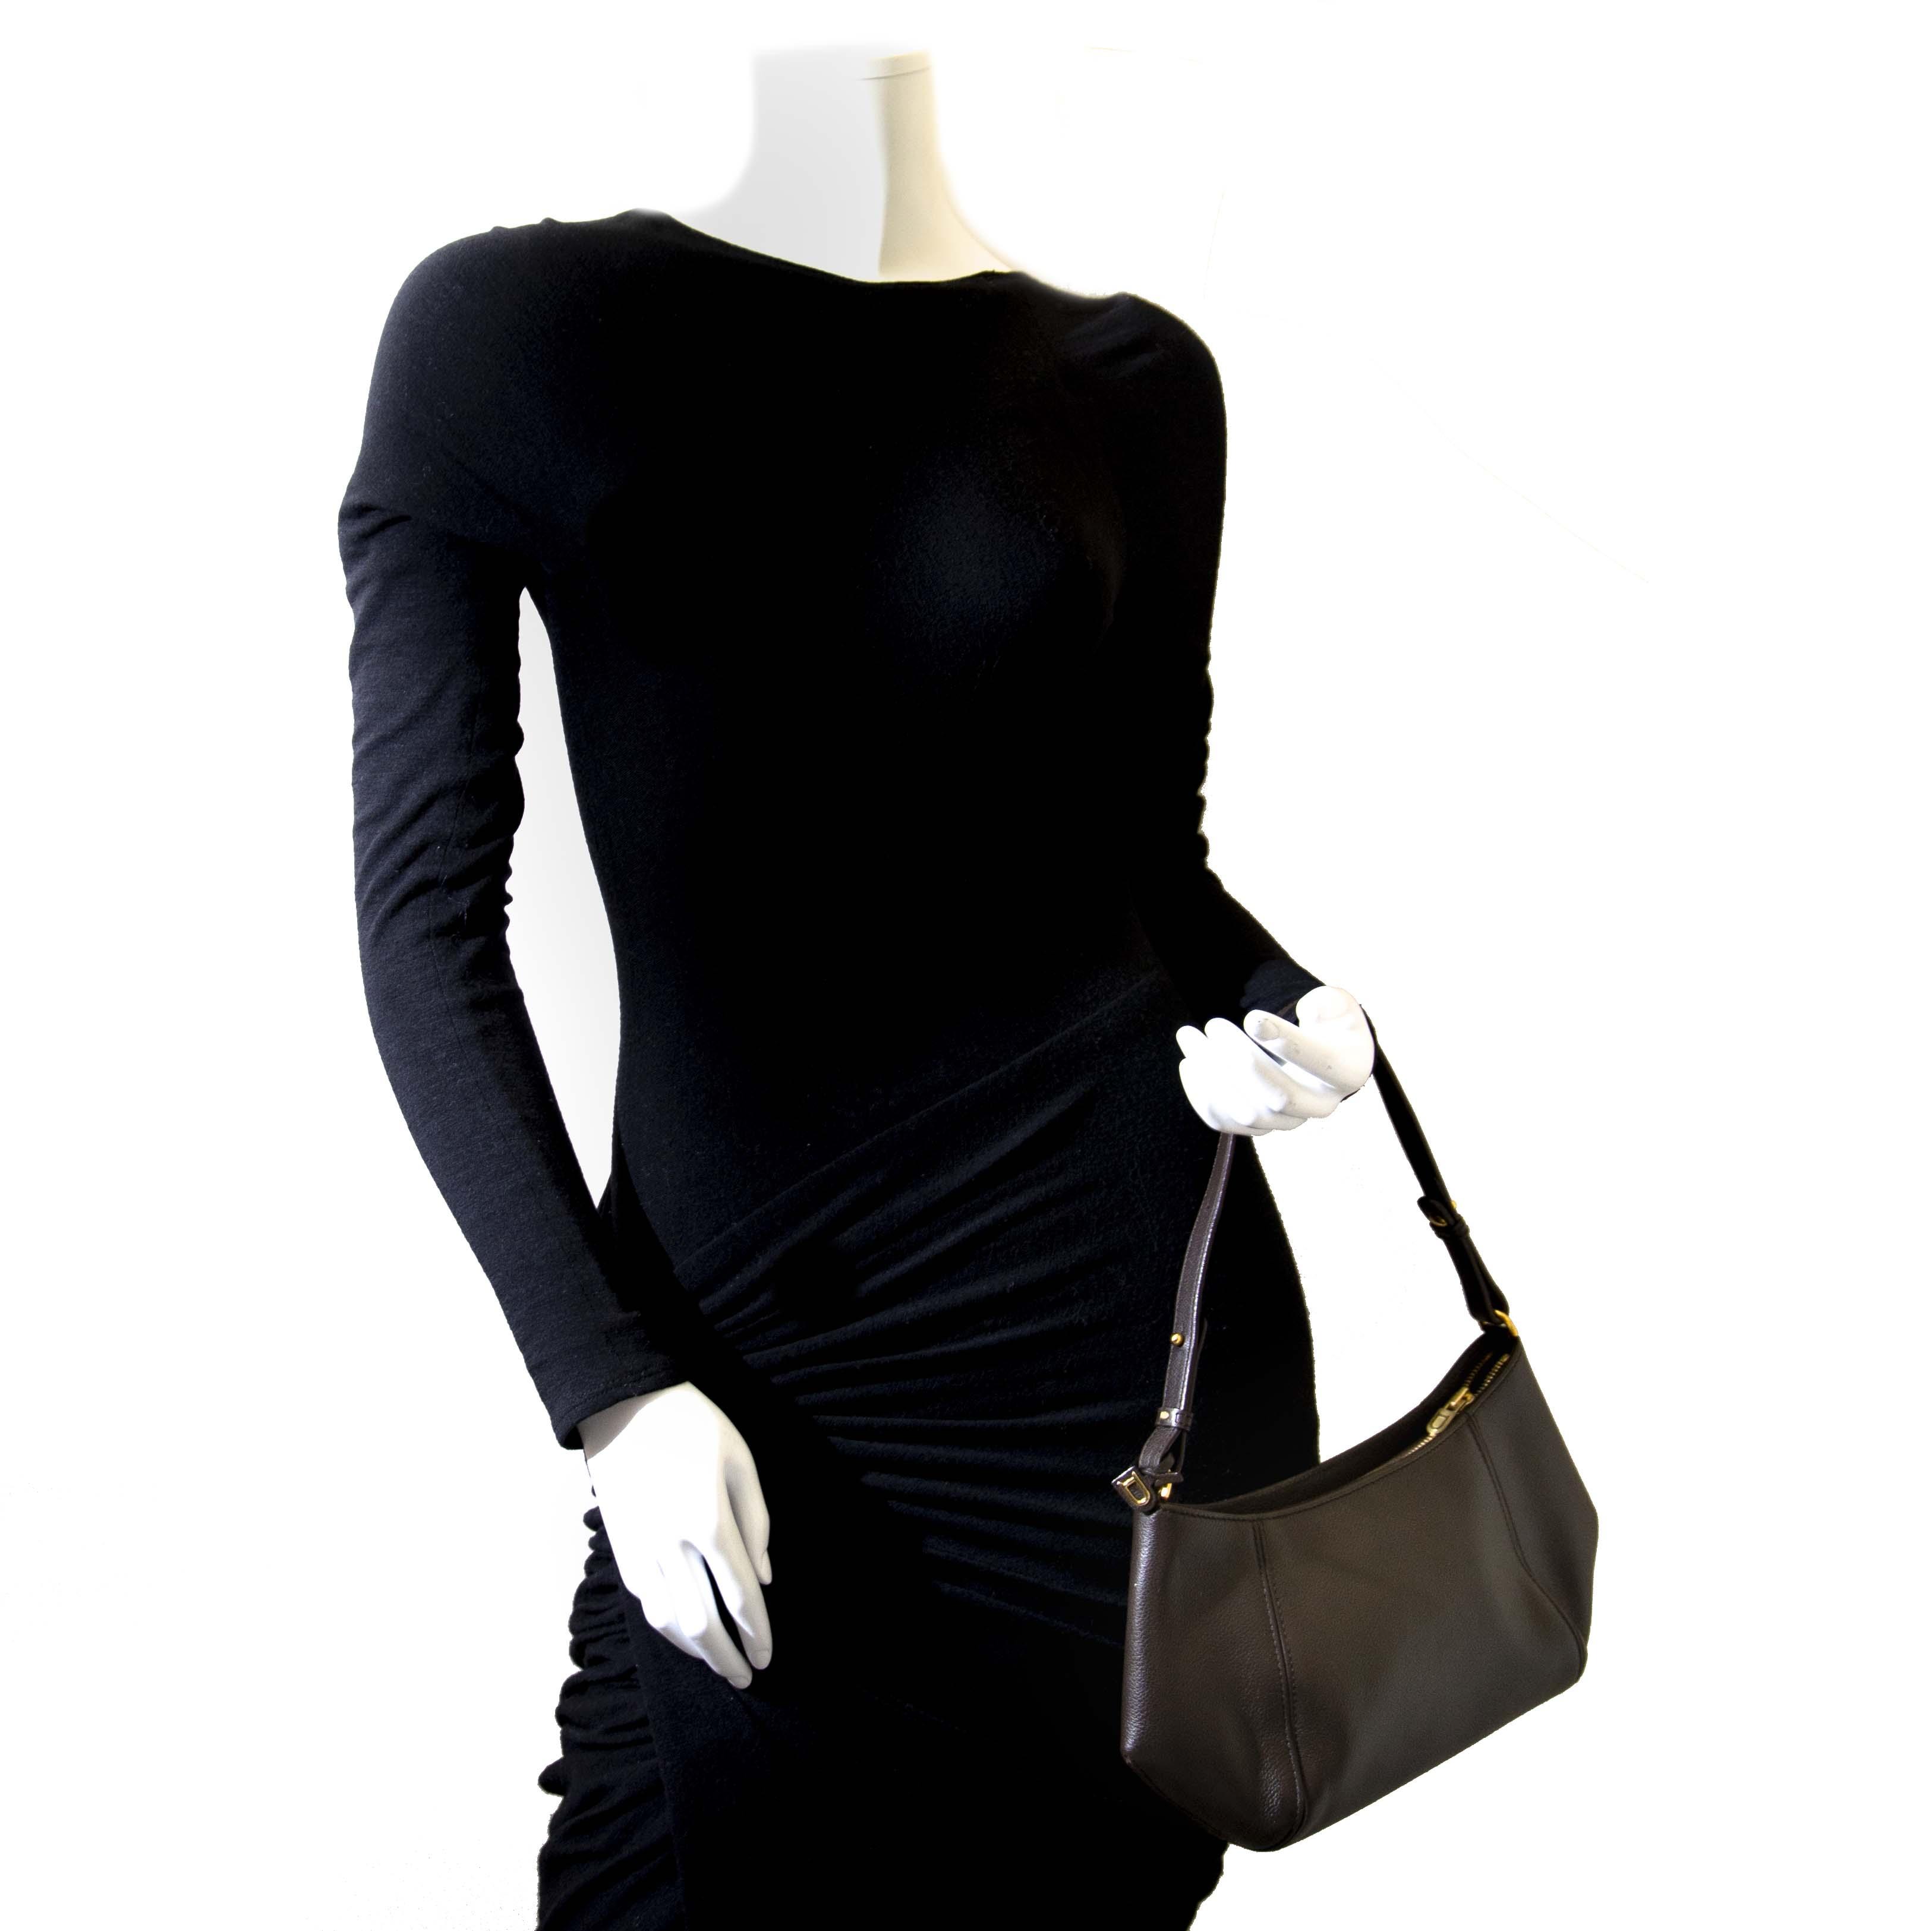 Koop een tweedehands tas van Delvaux aan de juiste prijs bij LabelLOV.